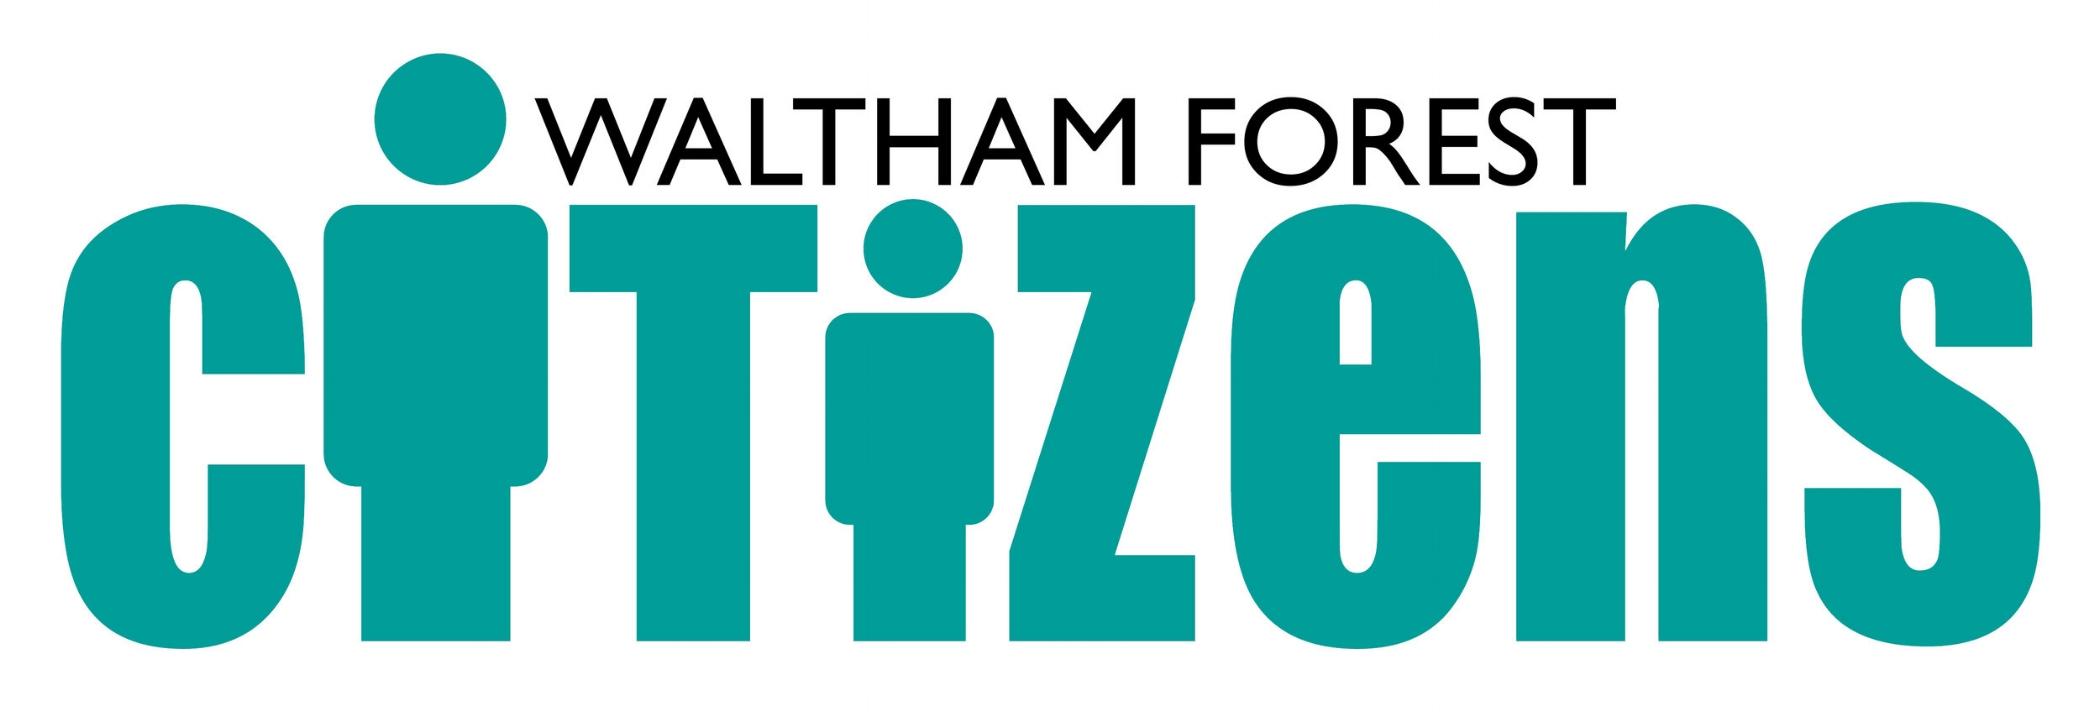 WFCitizens Logo .jpg